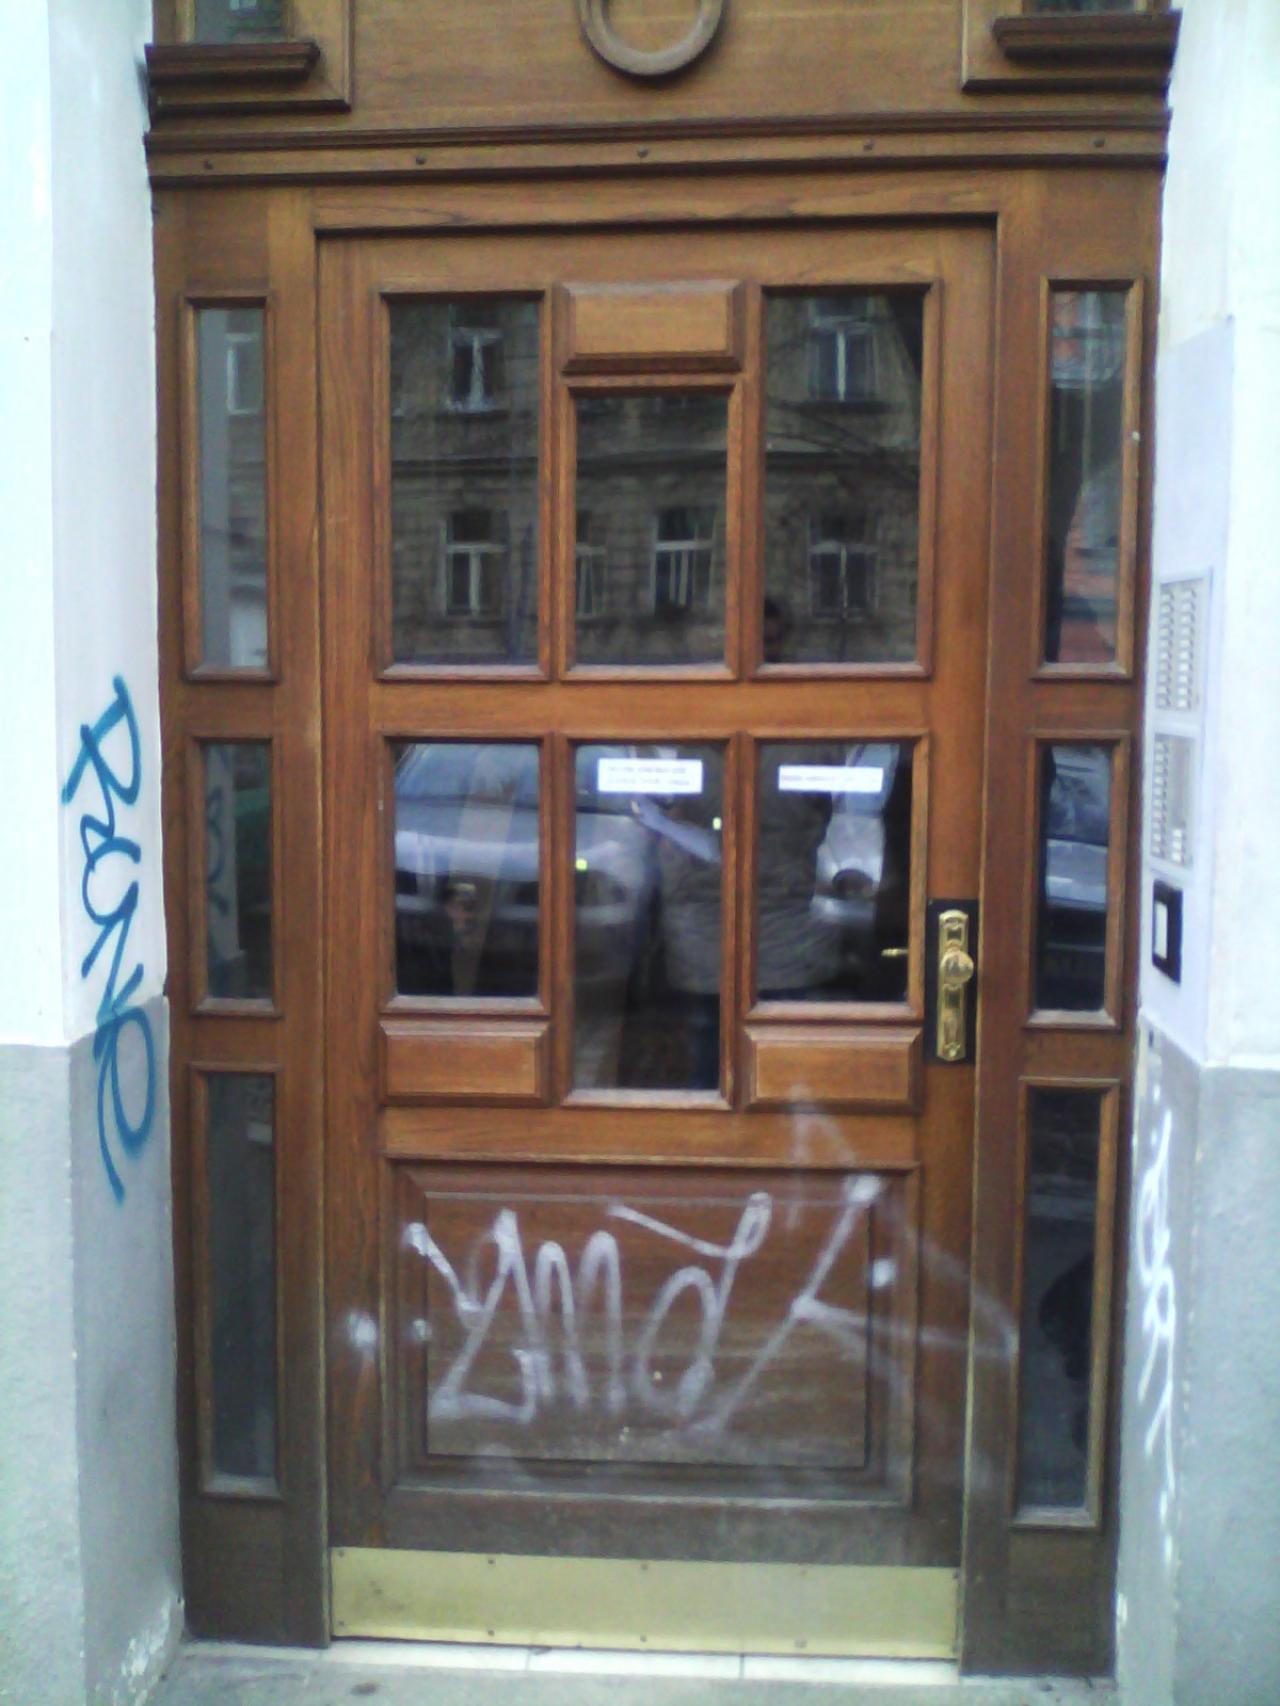 Repase dveří poničeno pokusy o vloupání